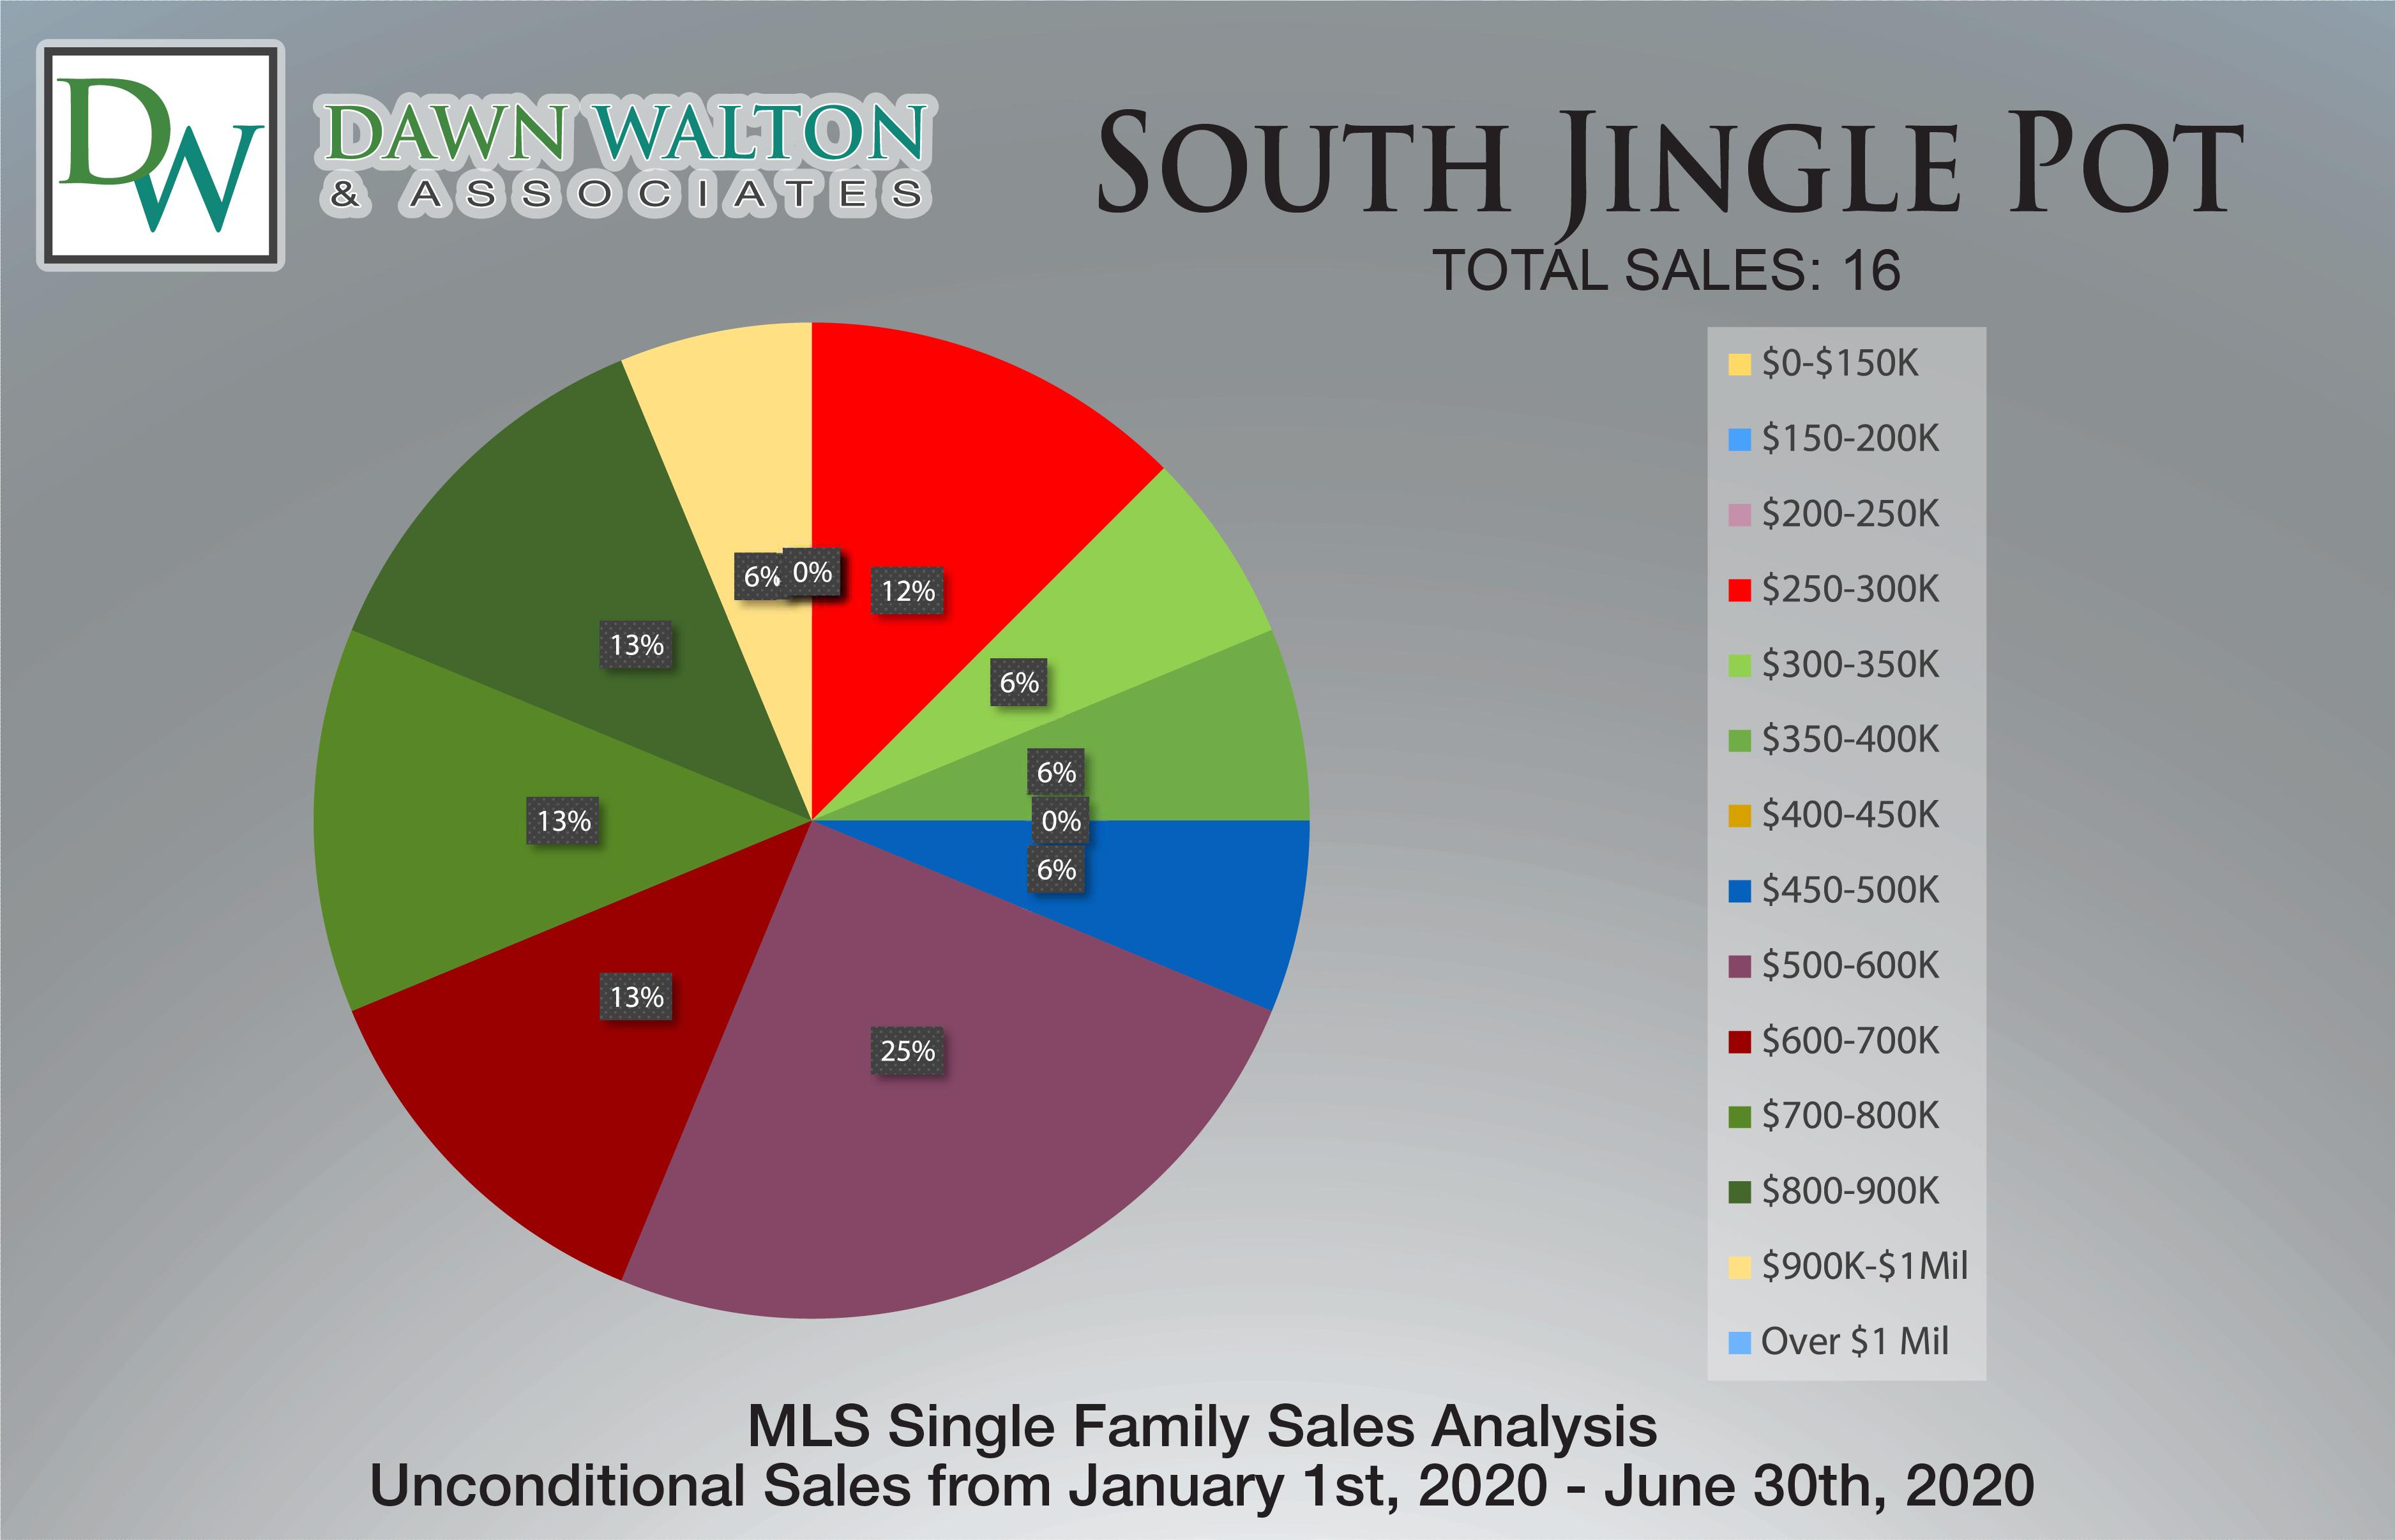 South Jingle Pot Real Estate Market Stats Price Percentage Jan 1- June 30th  2020 - Nanaimo Realtor Dawn Walton